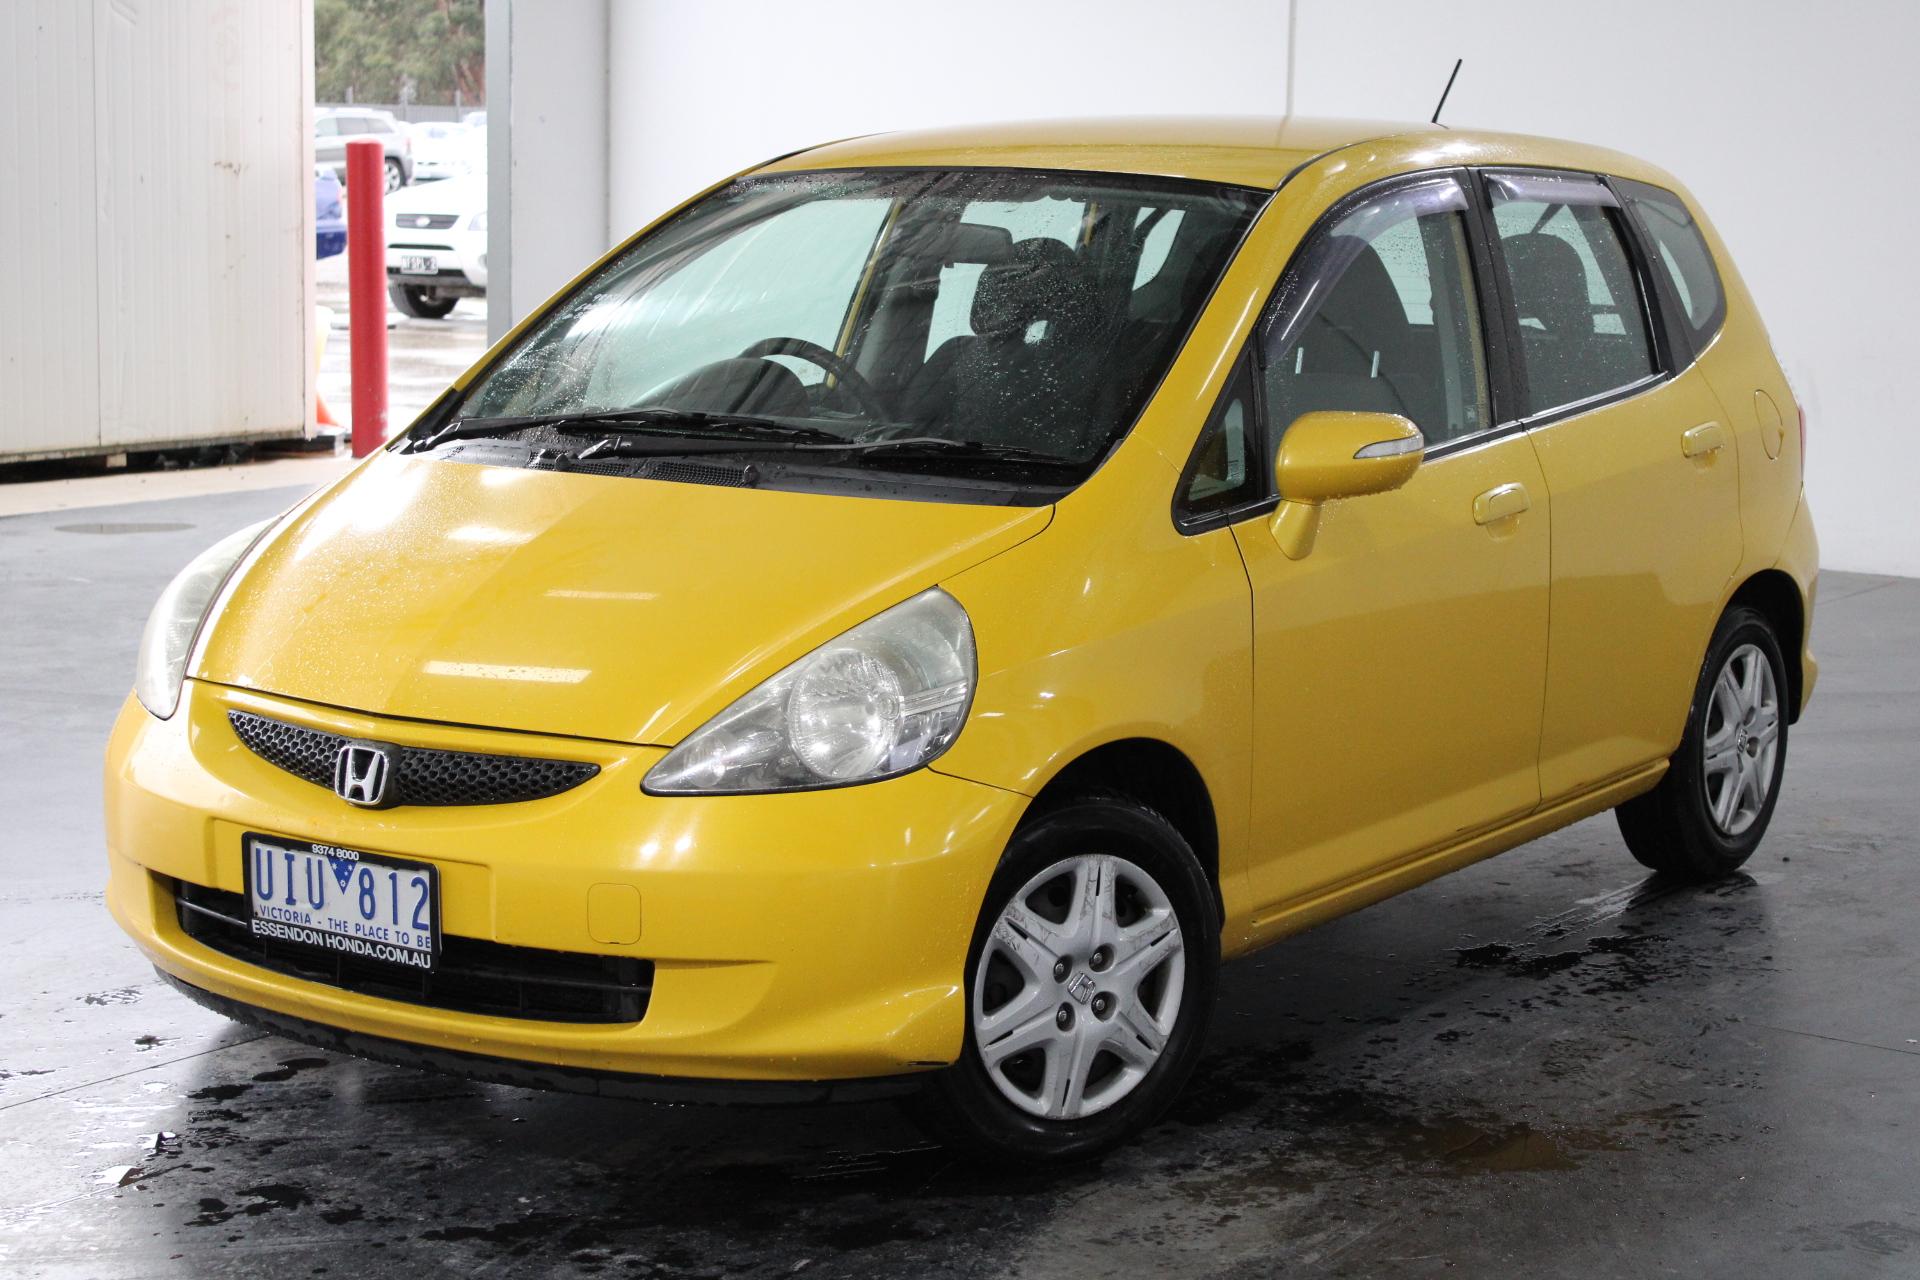 2006 Honda Jazz Vti Gd Automatic Hatchback Auction 0001 3441339